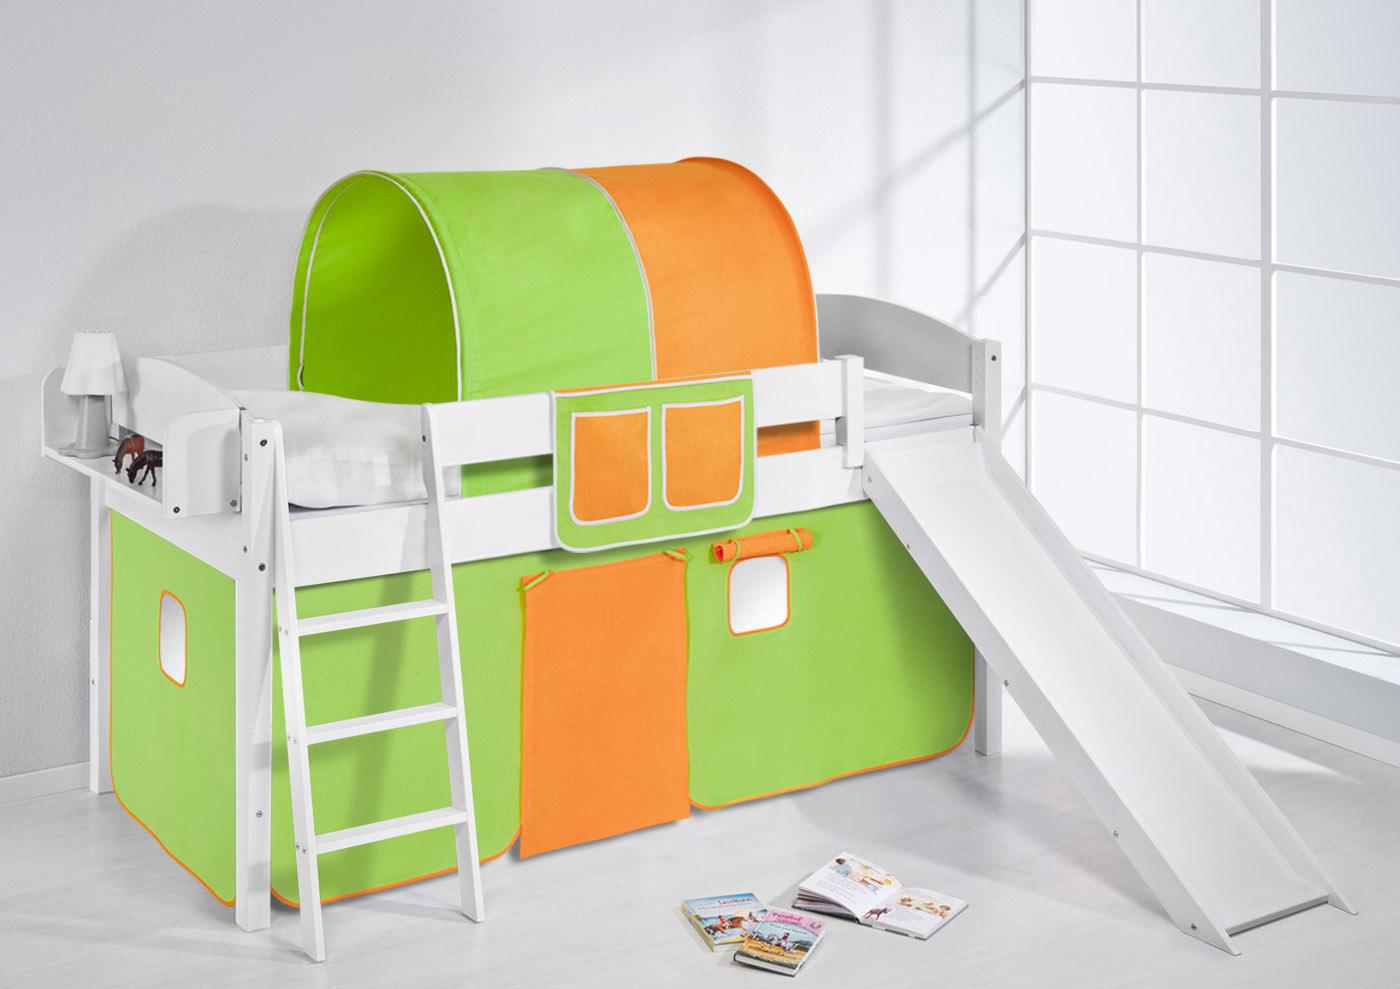 Hochbett Etagenbett Umbaubar : Thuka hochbett mit rutsche und andere kindersachen sehr weiss